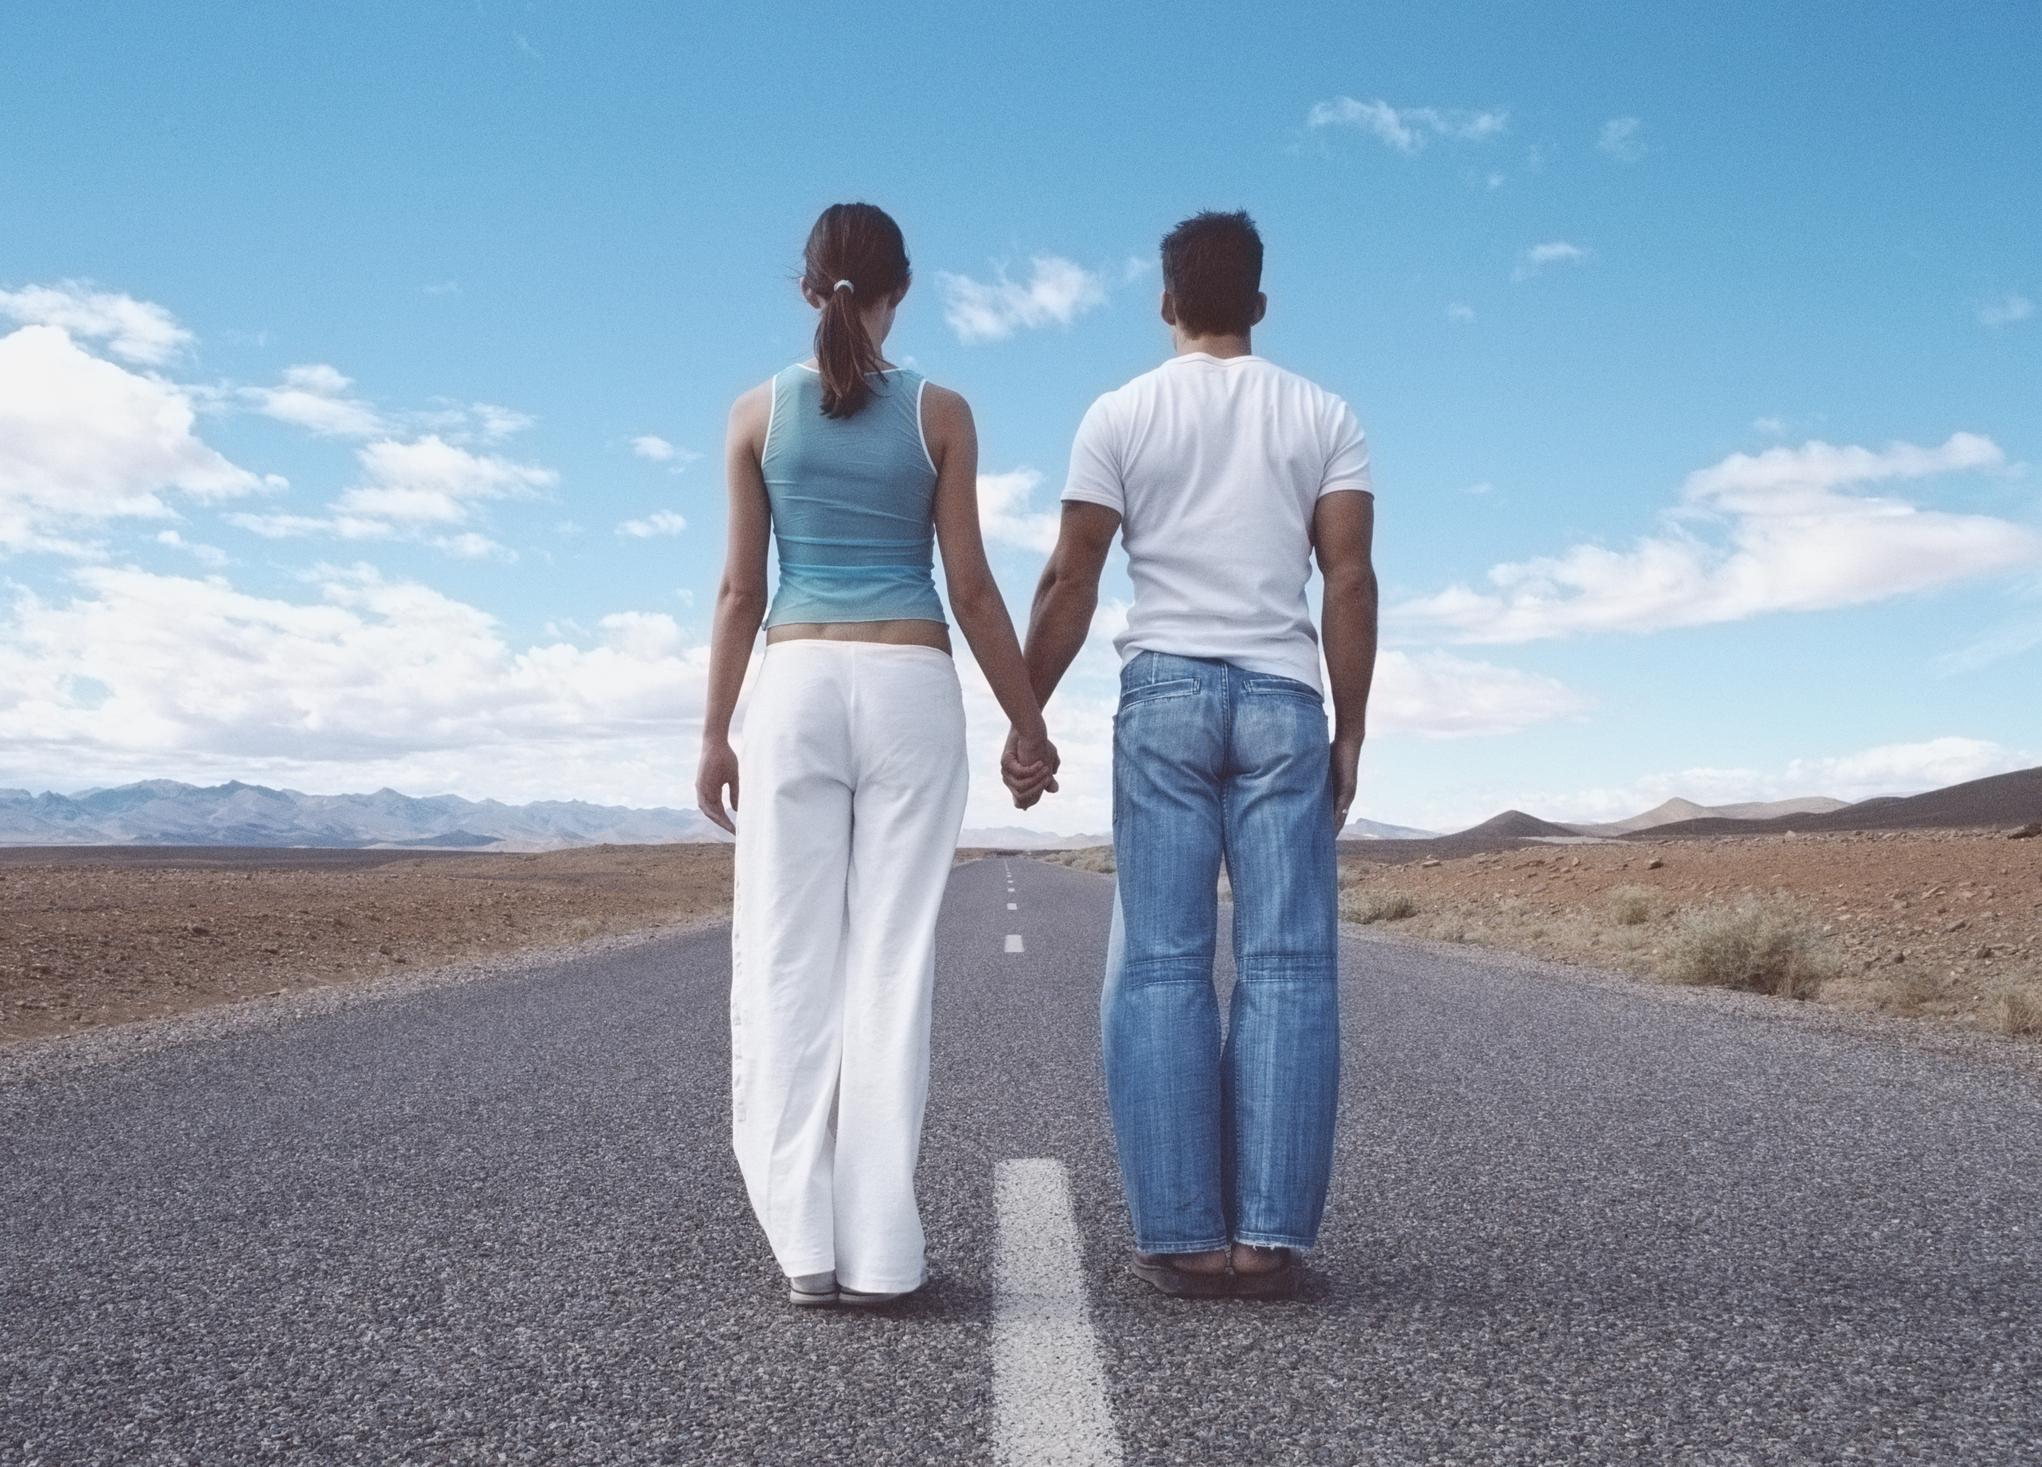 Sztuka kompromisu w związku. Jak być razem i nie rezygnować z siebie, ale też nie zdominować partnera?